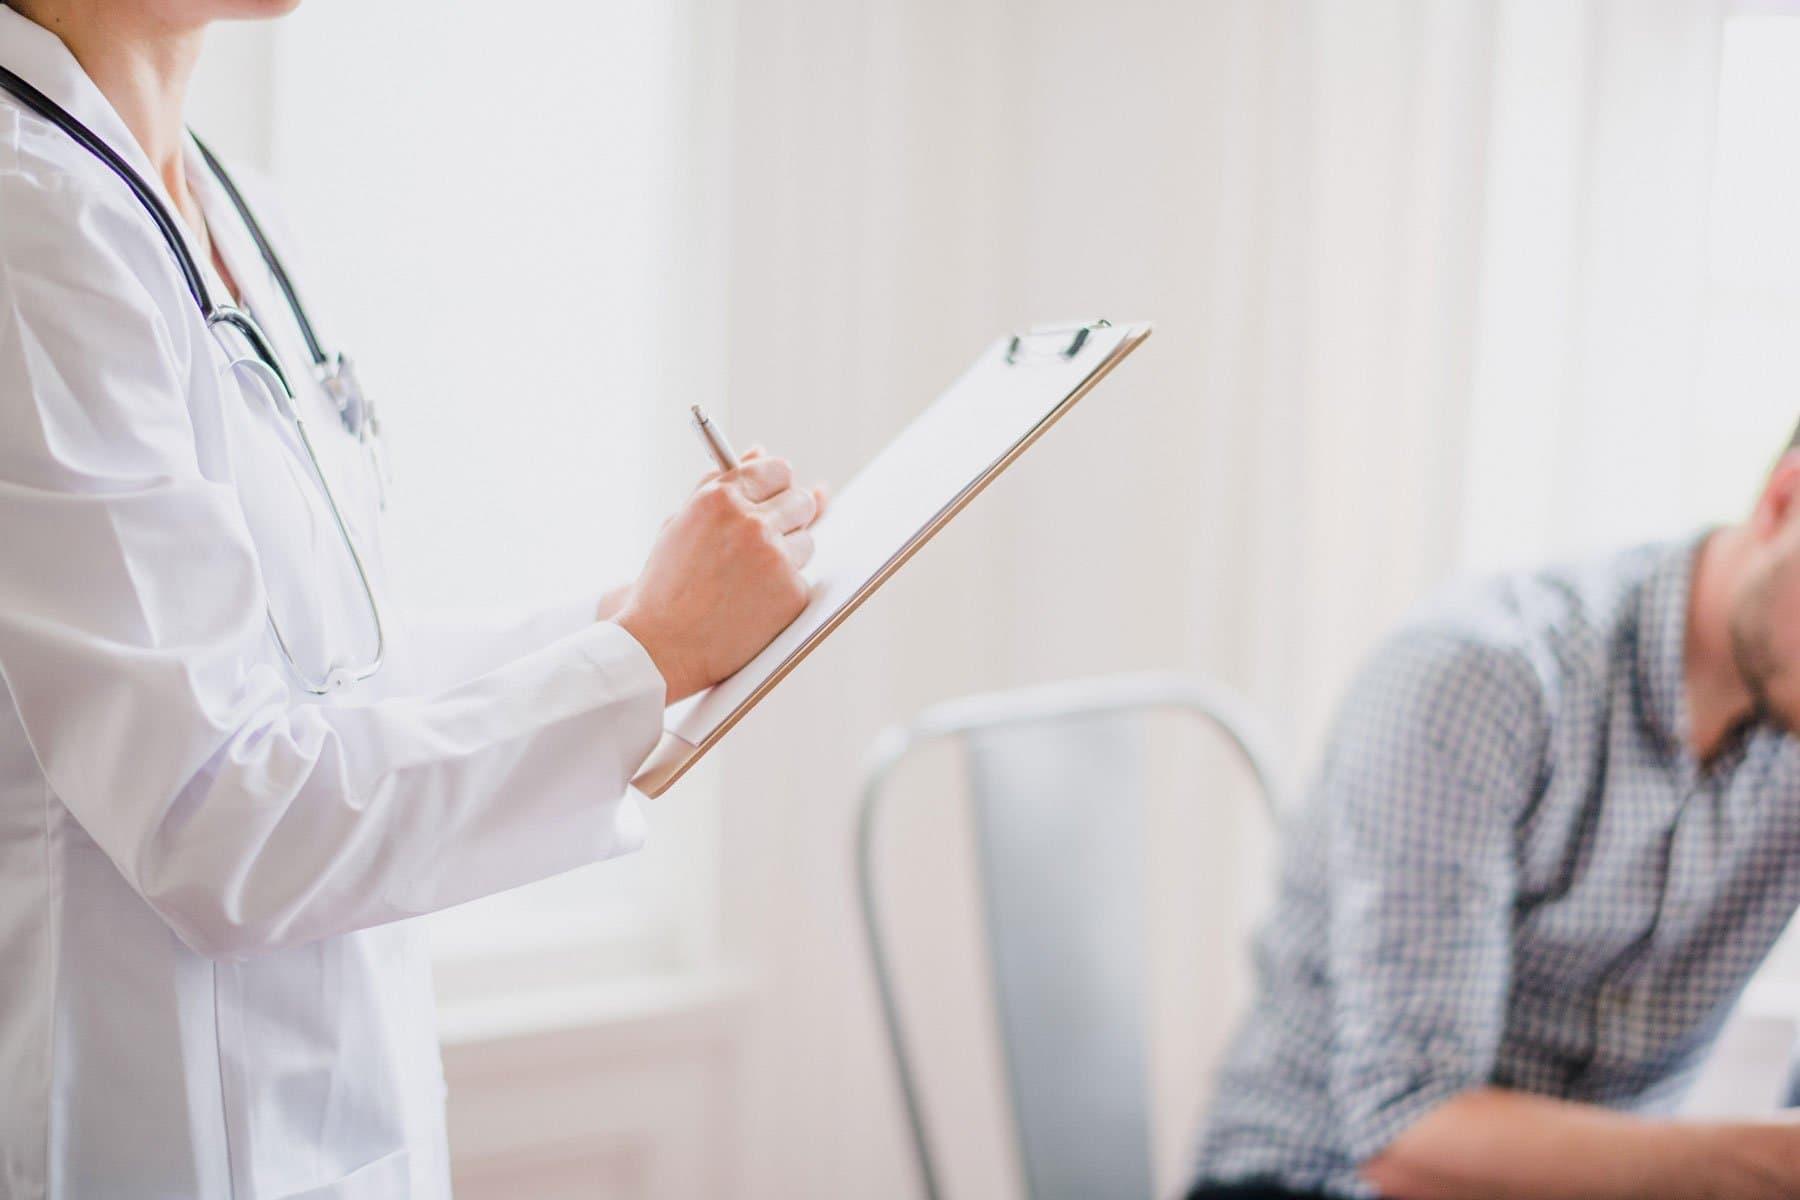 Androgenetischer Haarausfall zählt als Voraussetzung warum eine Haartransplantation durchgeführt werden sollte